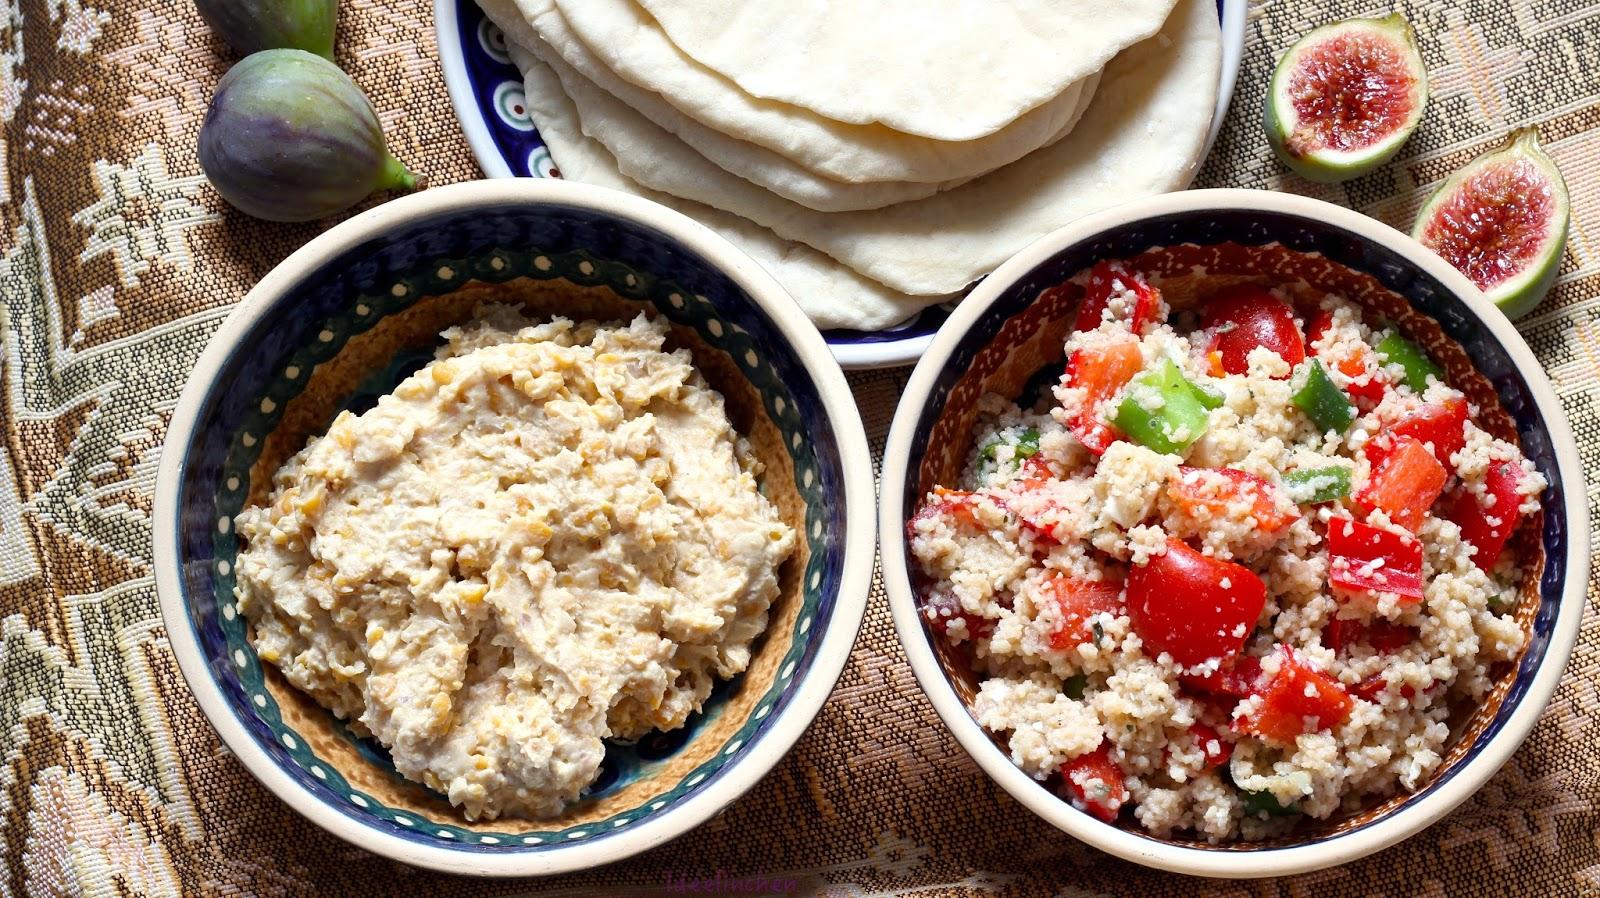 ideelinchen food und kreativblog orientalisches abendessen couscous salat hummus und. Black Bedroom Furniture Sets. Home Design Ideas